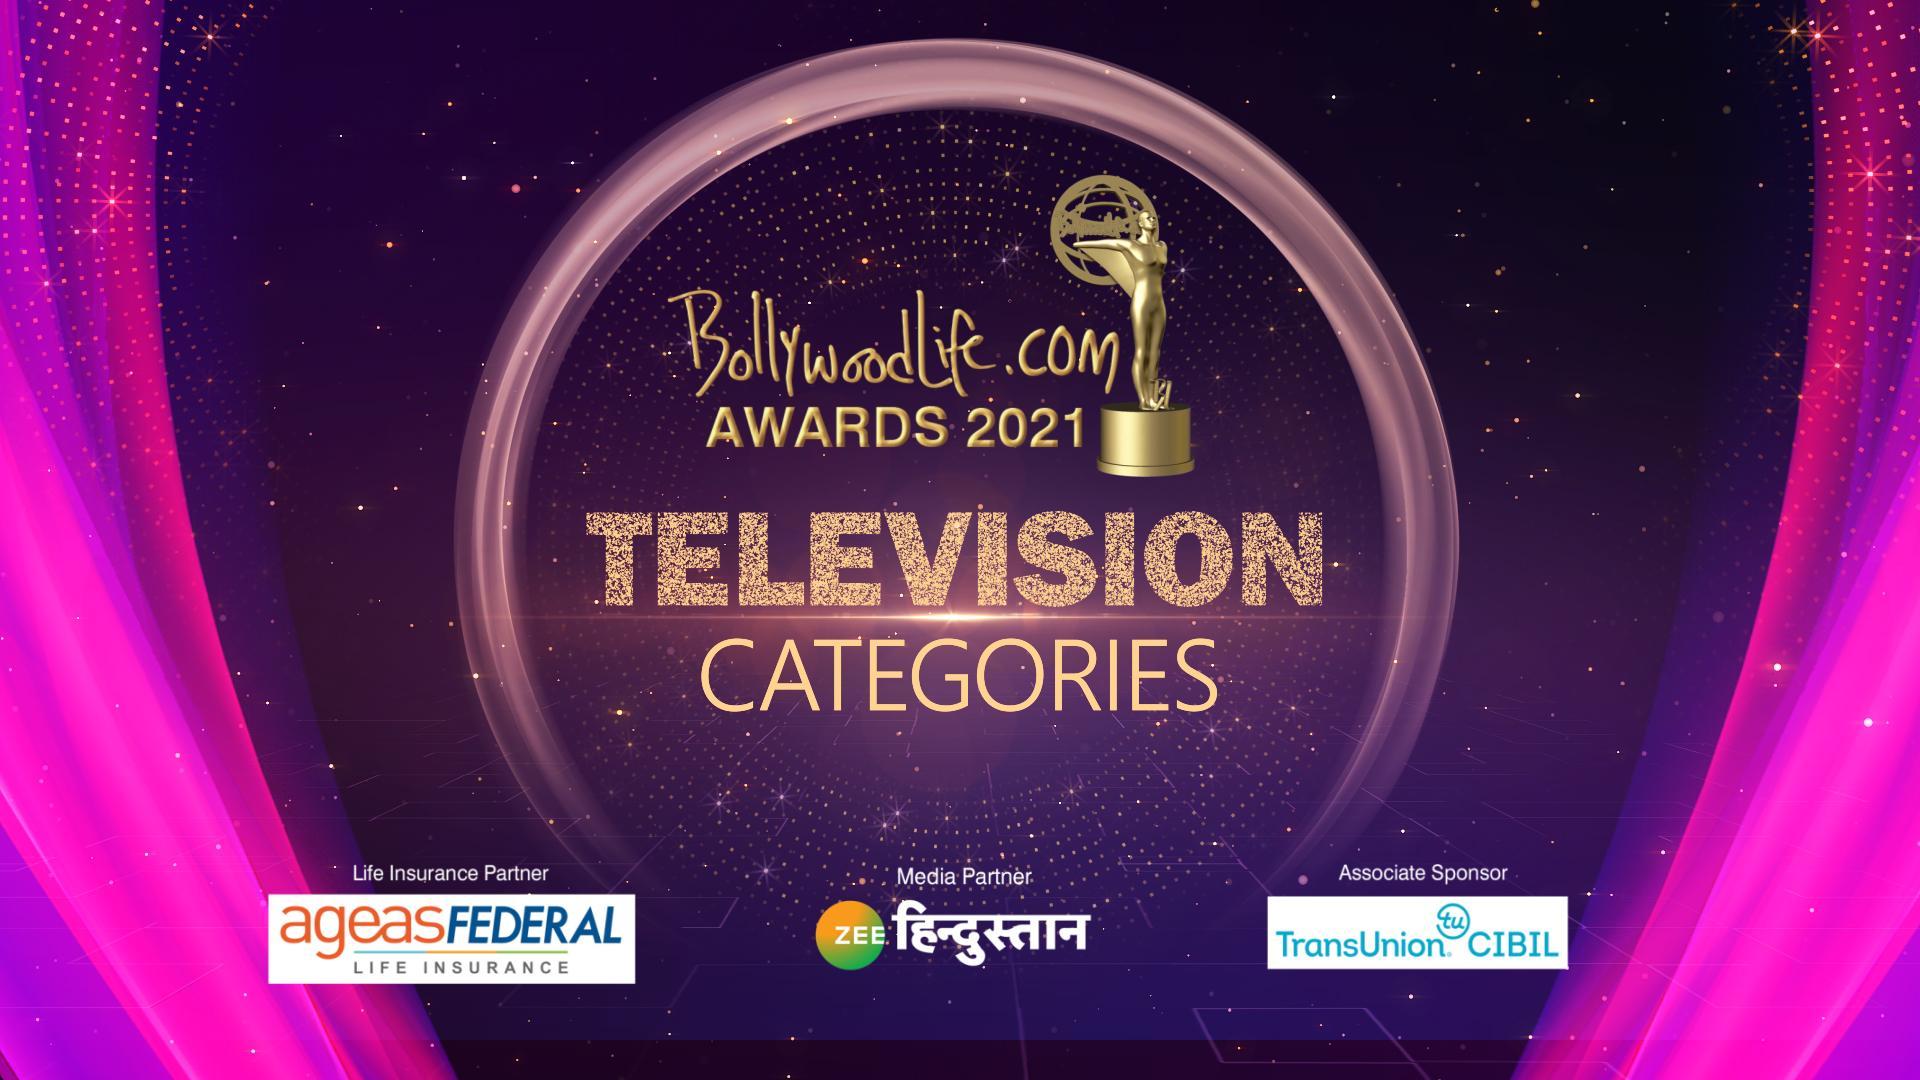 BLAwards 2021: टीवी इंडस्ट्री के सबसे बड़े एंटरटेनर्स को नॉमिनेट करें और घर ले जाएं 30 लाख रुपये तक के इनाम